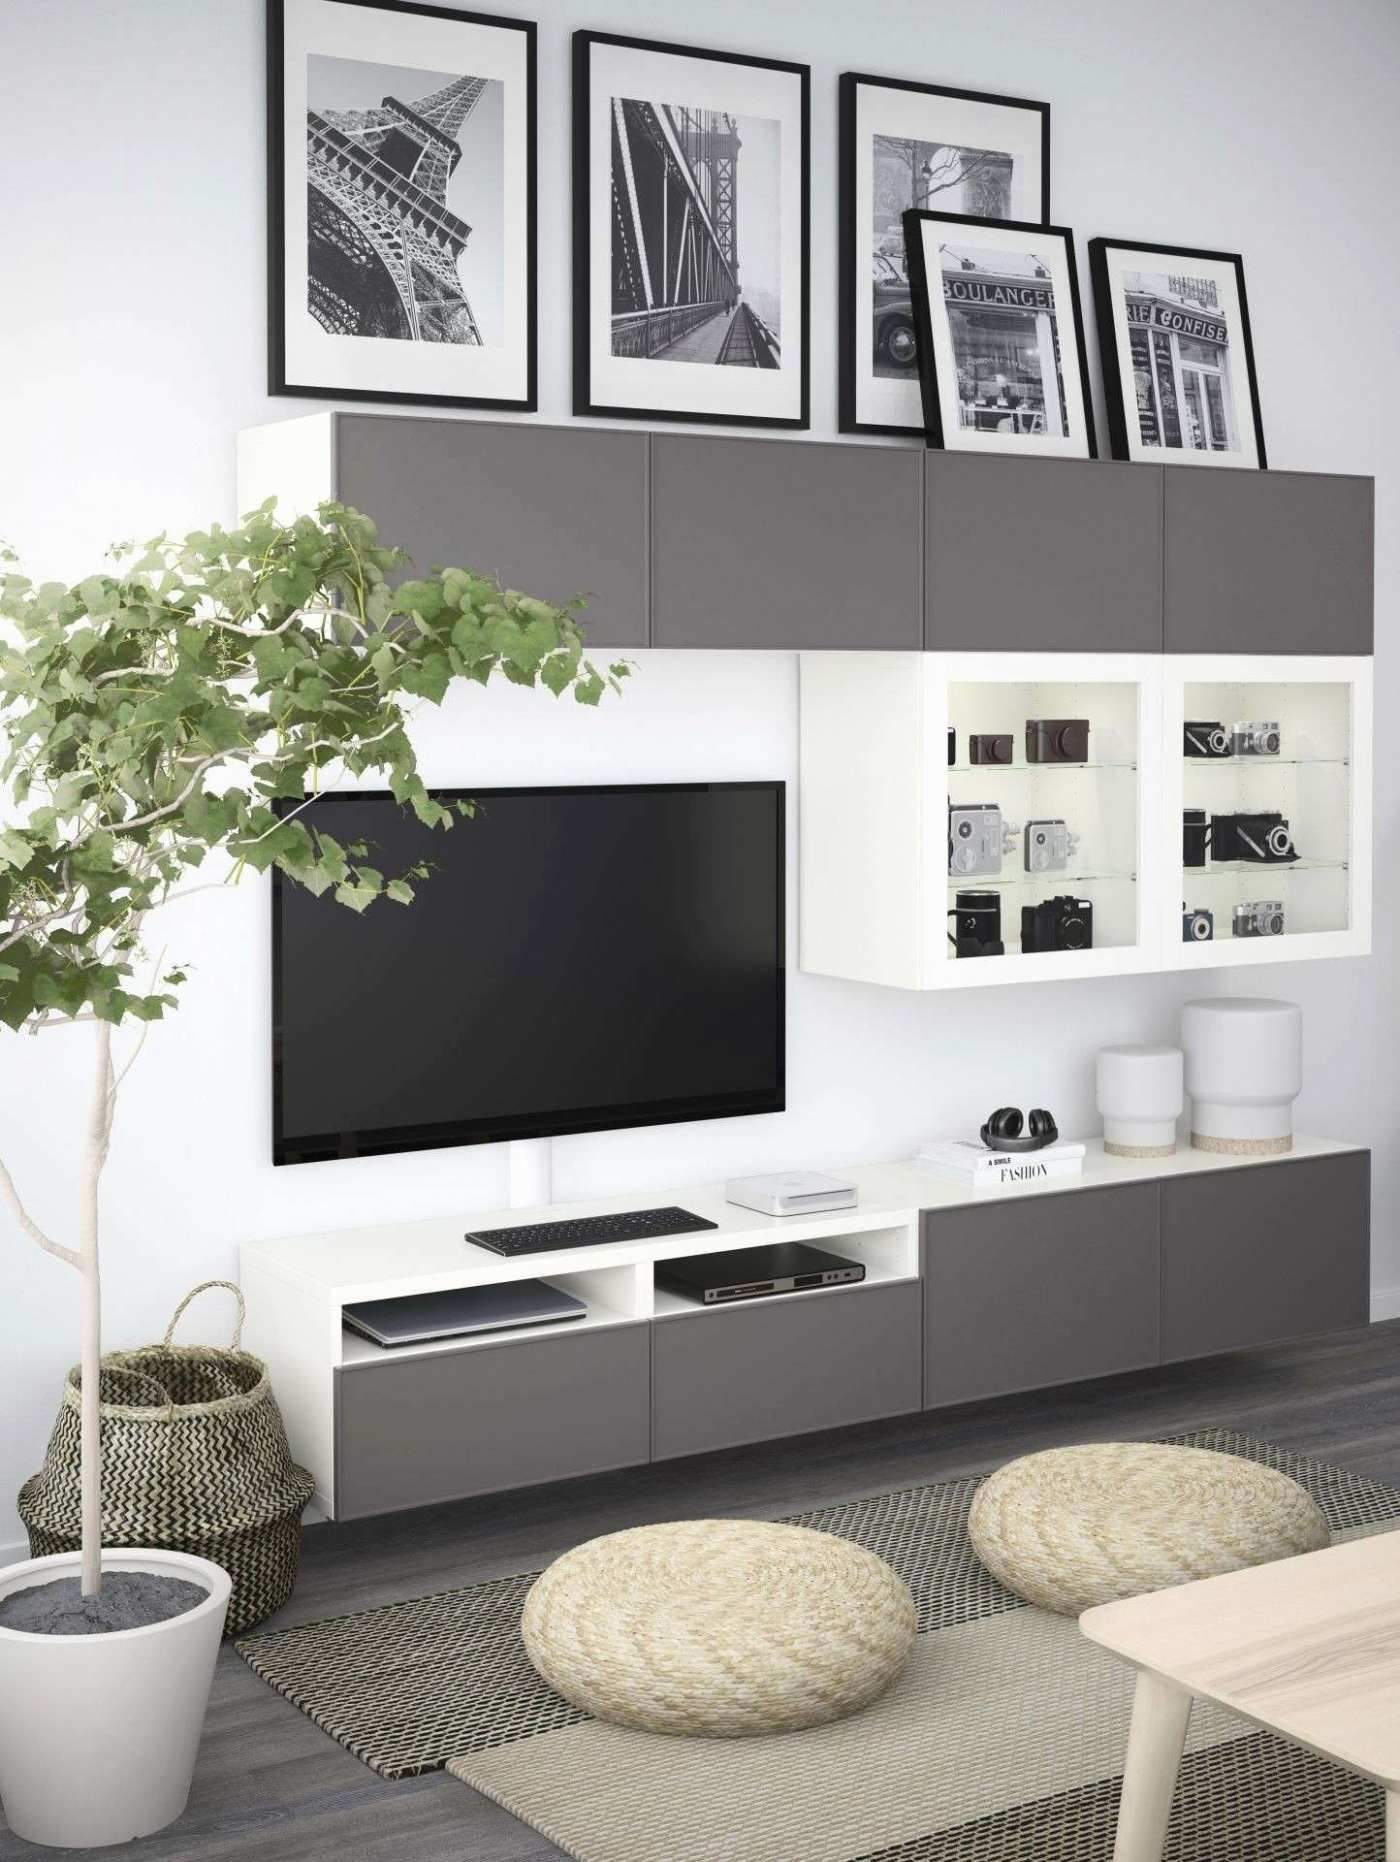 wohnen und garten einzigartig 59 das beste von wohnen und dekorieren elegant of wohnen und garten